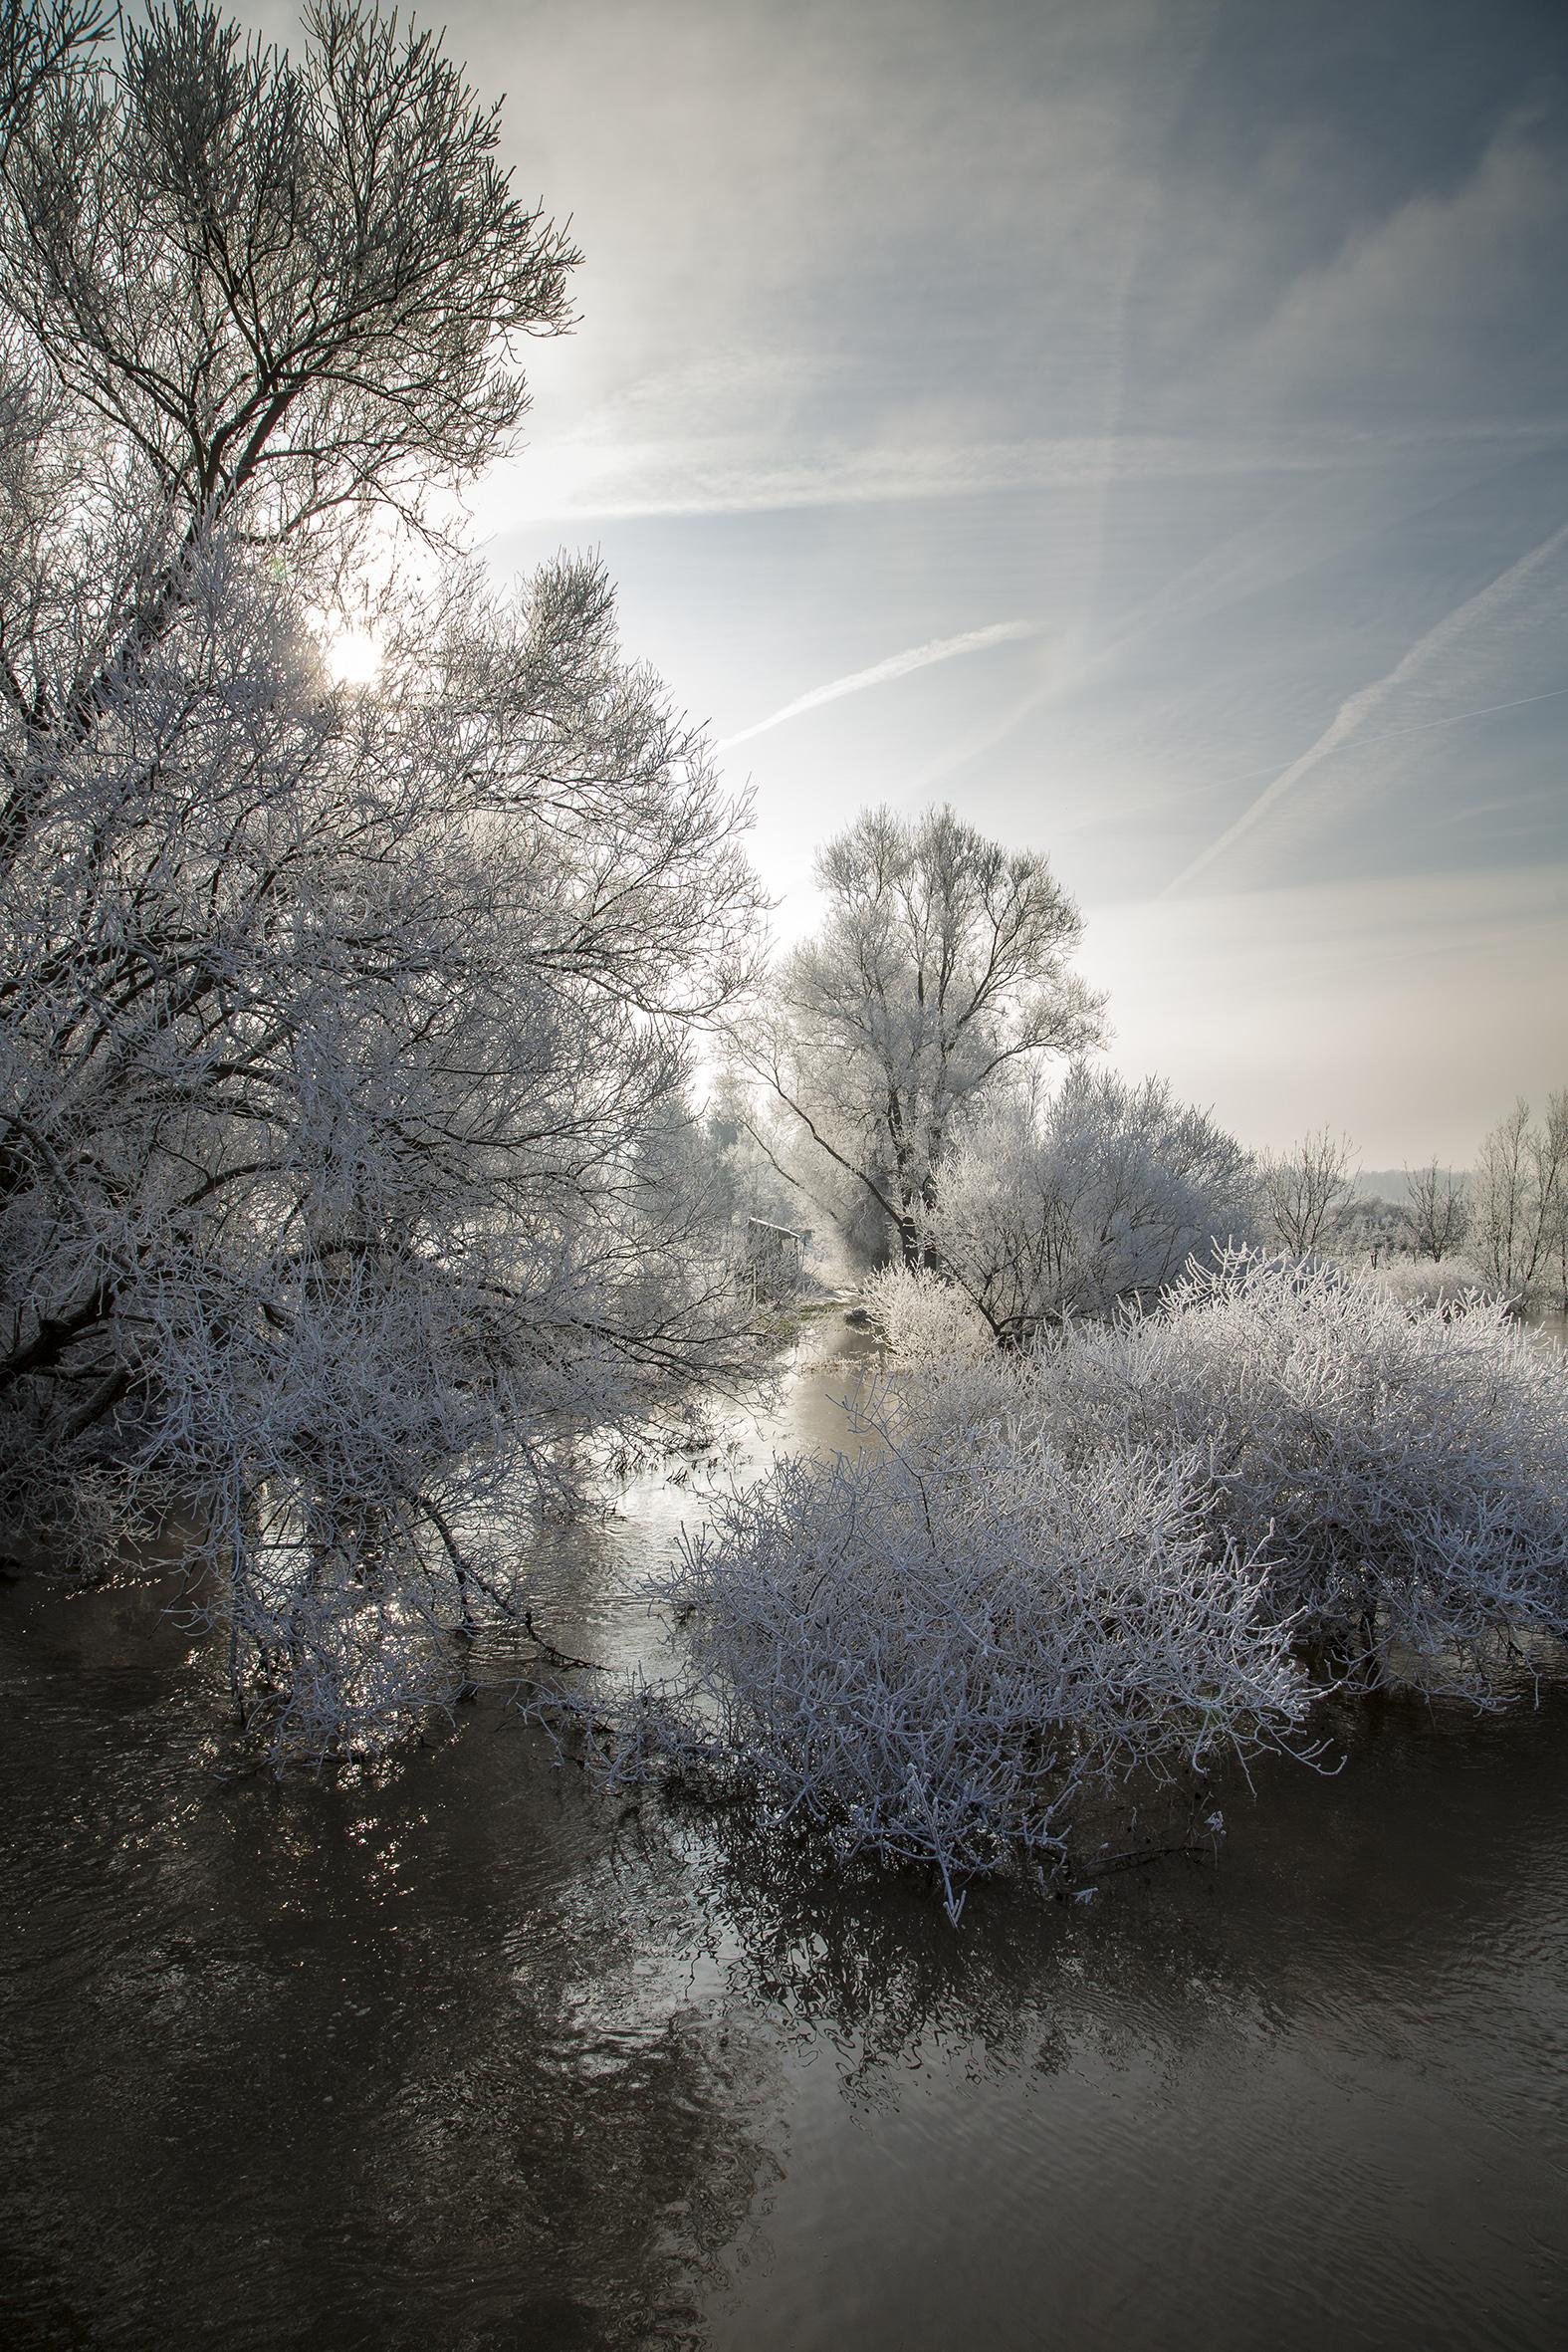 nature-givre-rech-2015-marie-colette-becker-05